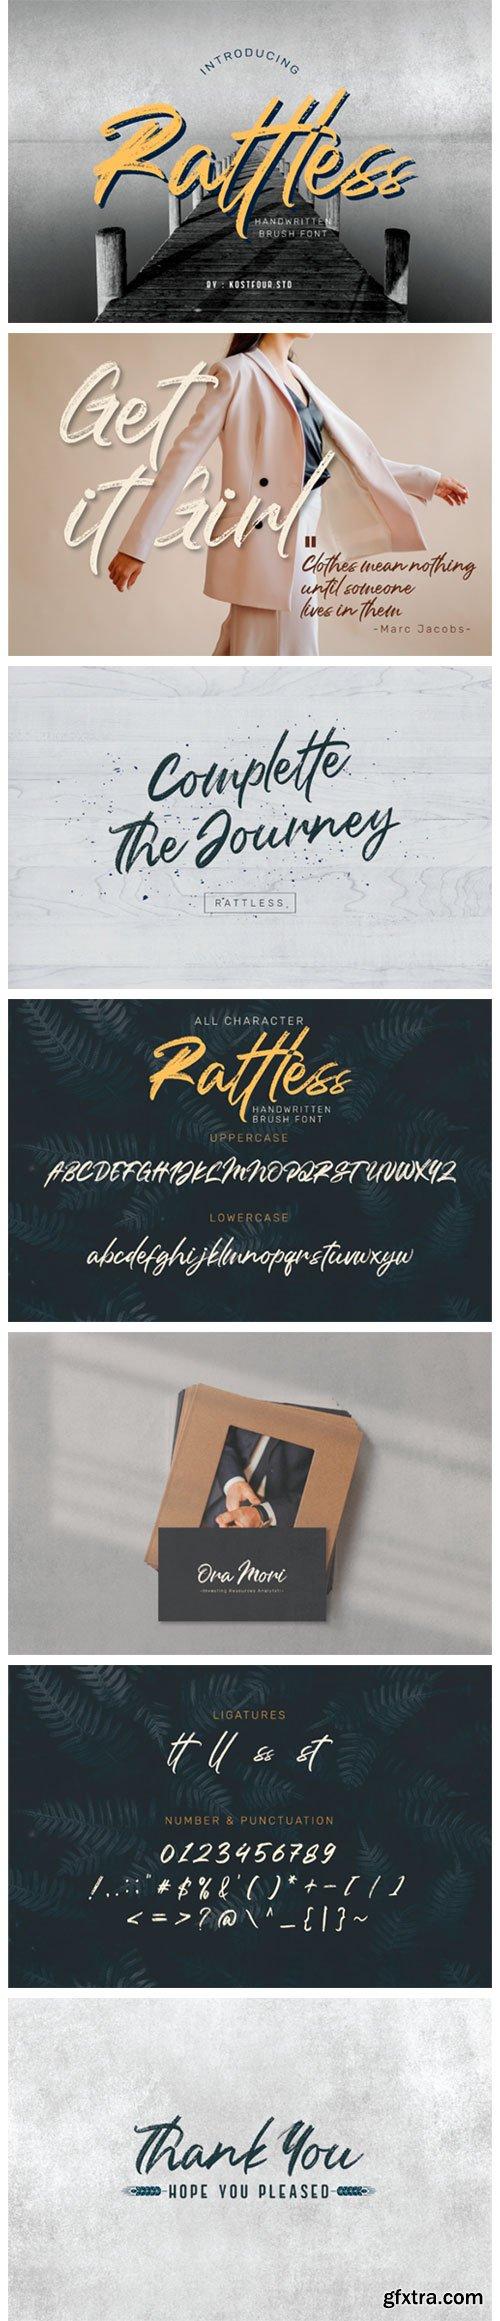 Rattless Font